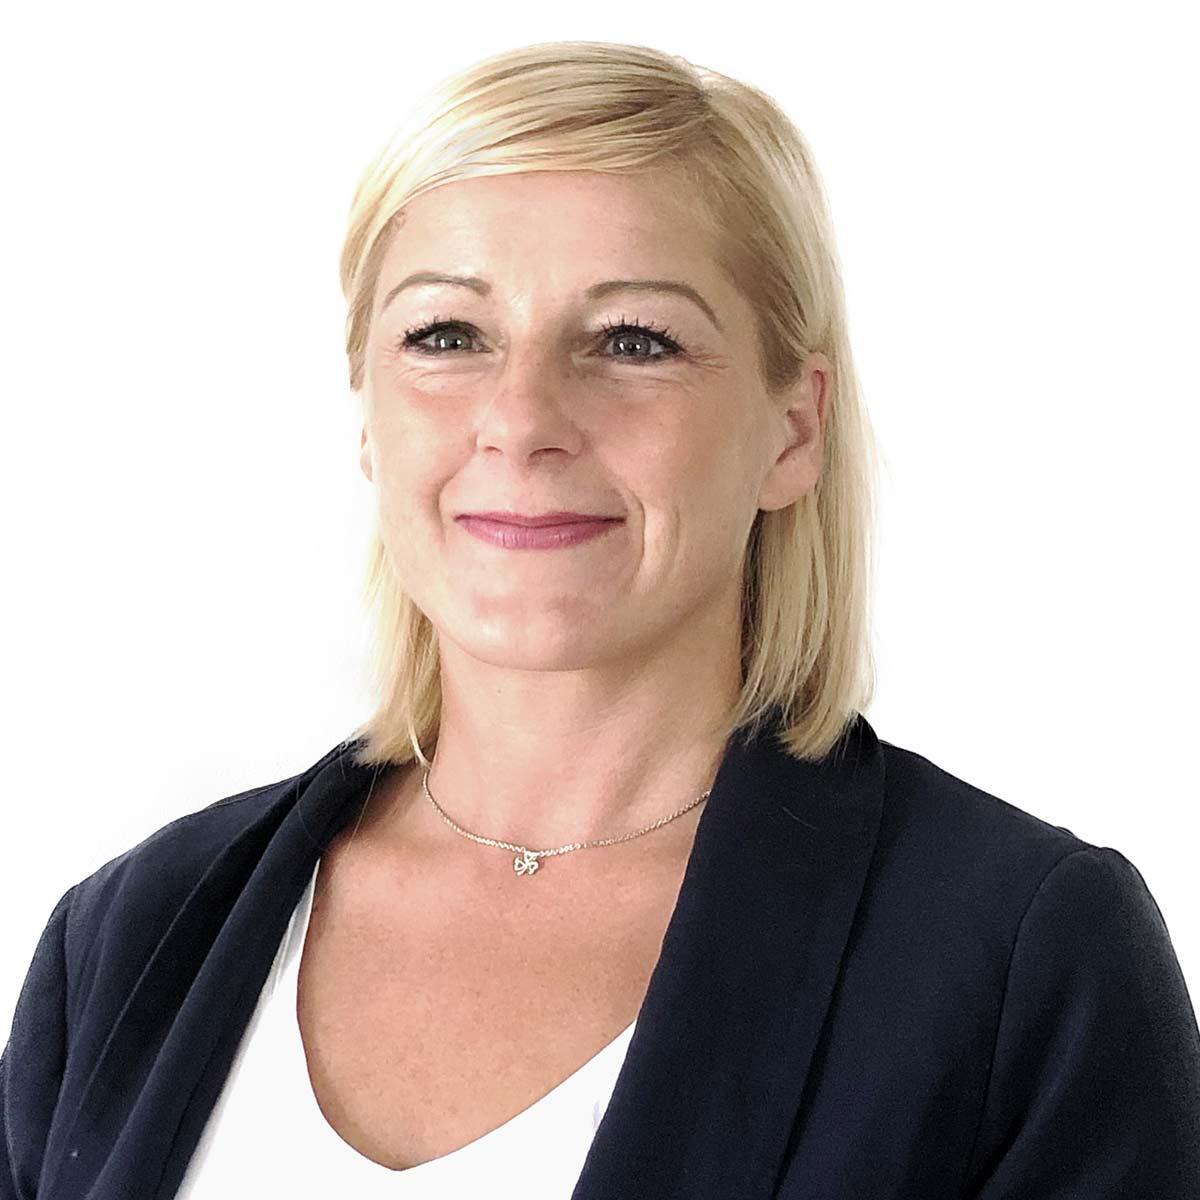 Sonja Kmetec